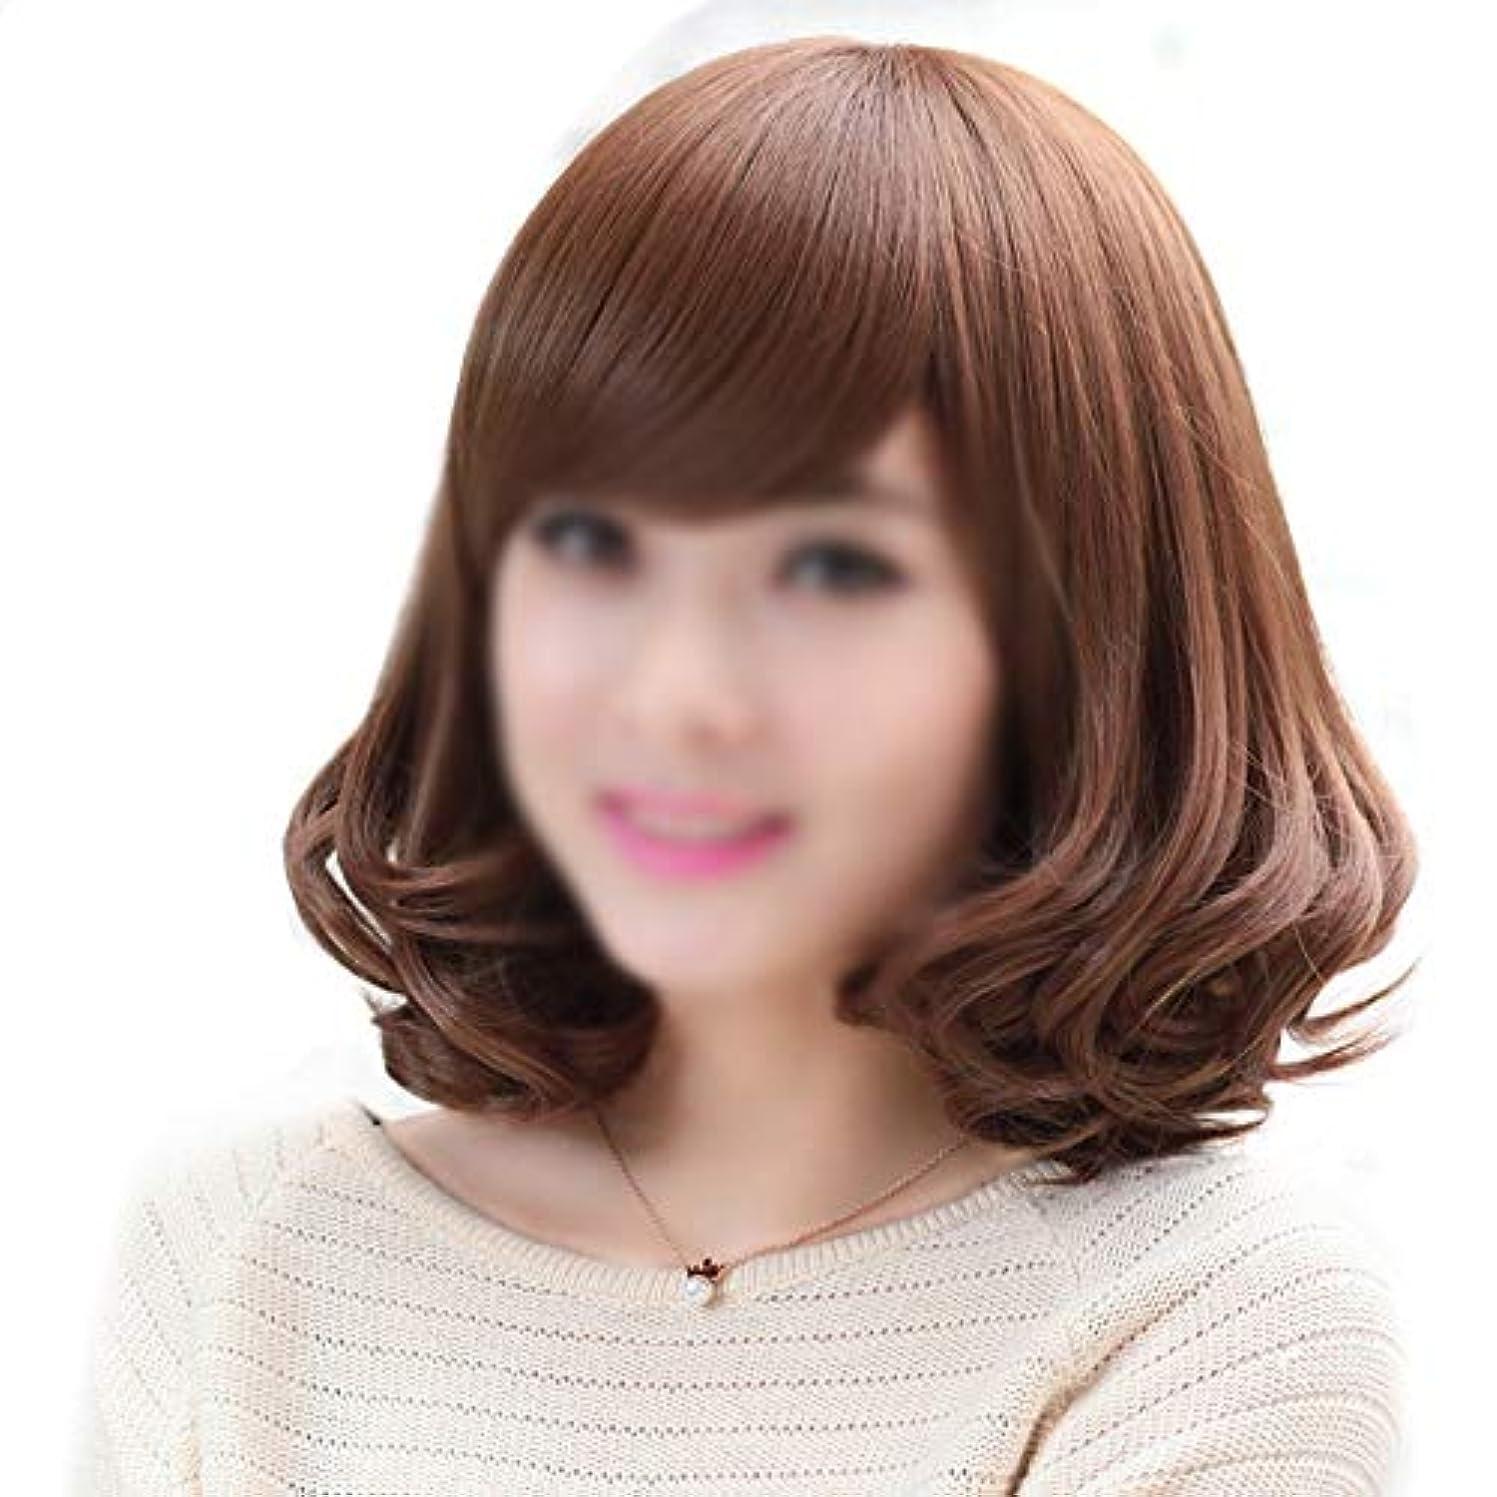 曇ったクラック罪悪感WASAIO ウィッグキャップと女性の短い巻き毛のかつら、30 cm (色 : ブラウン)